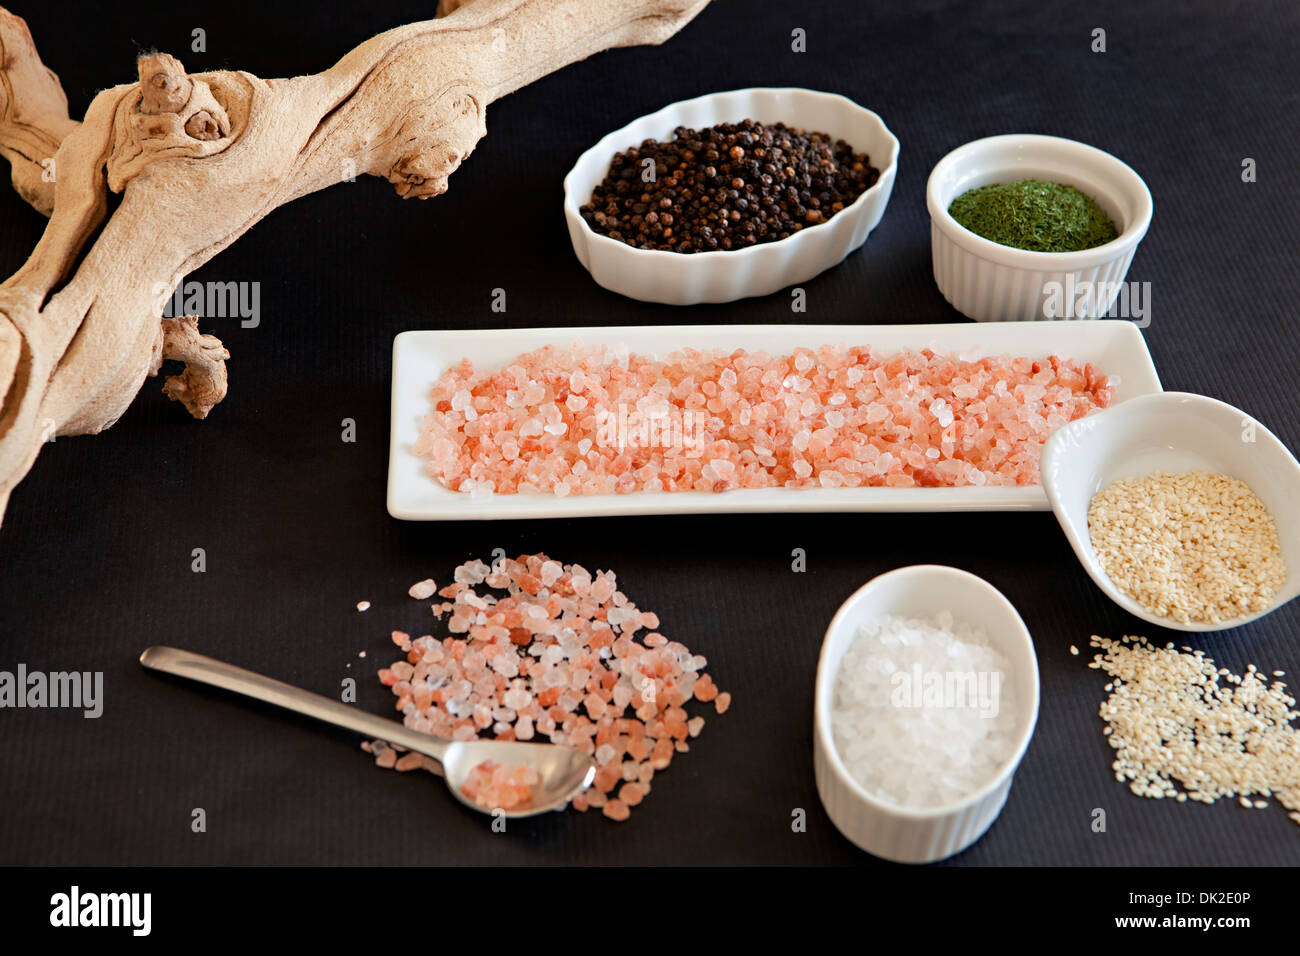 Erhöhte Ansicht der Vielzahl von Salz und Gewürzen Zutaten in kleine Schüsseln und Teller Stockbild